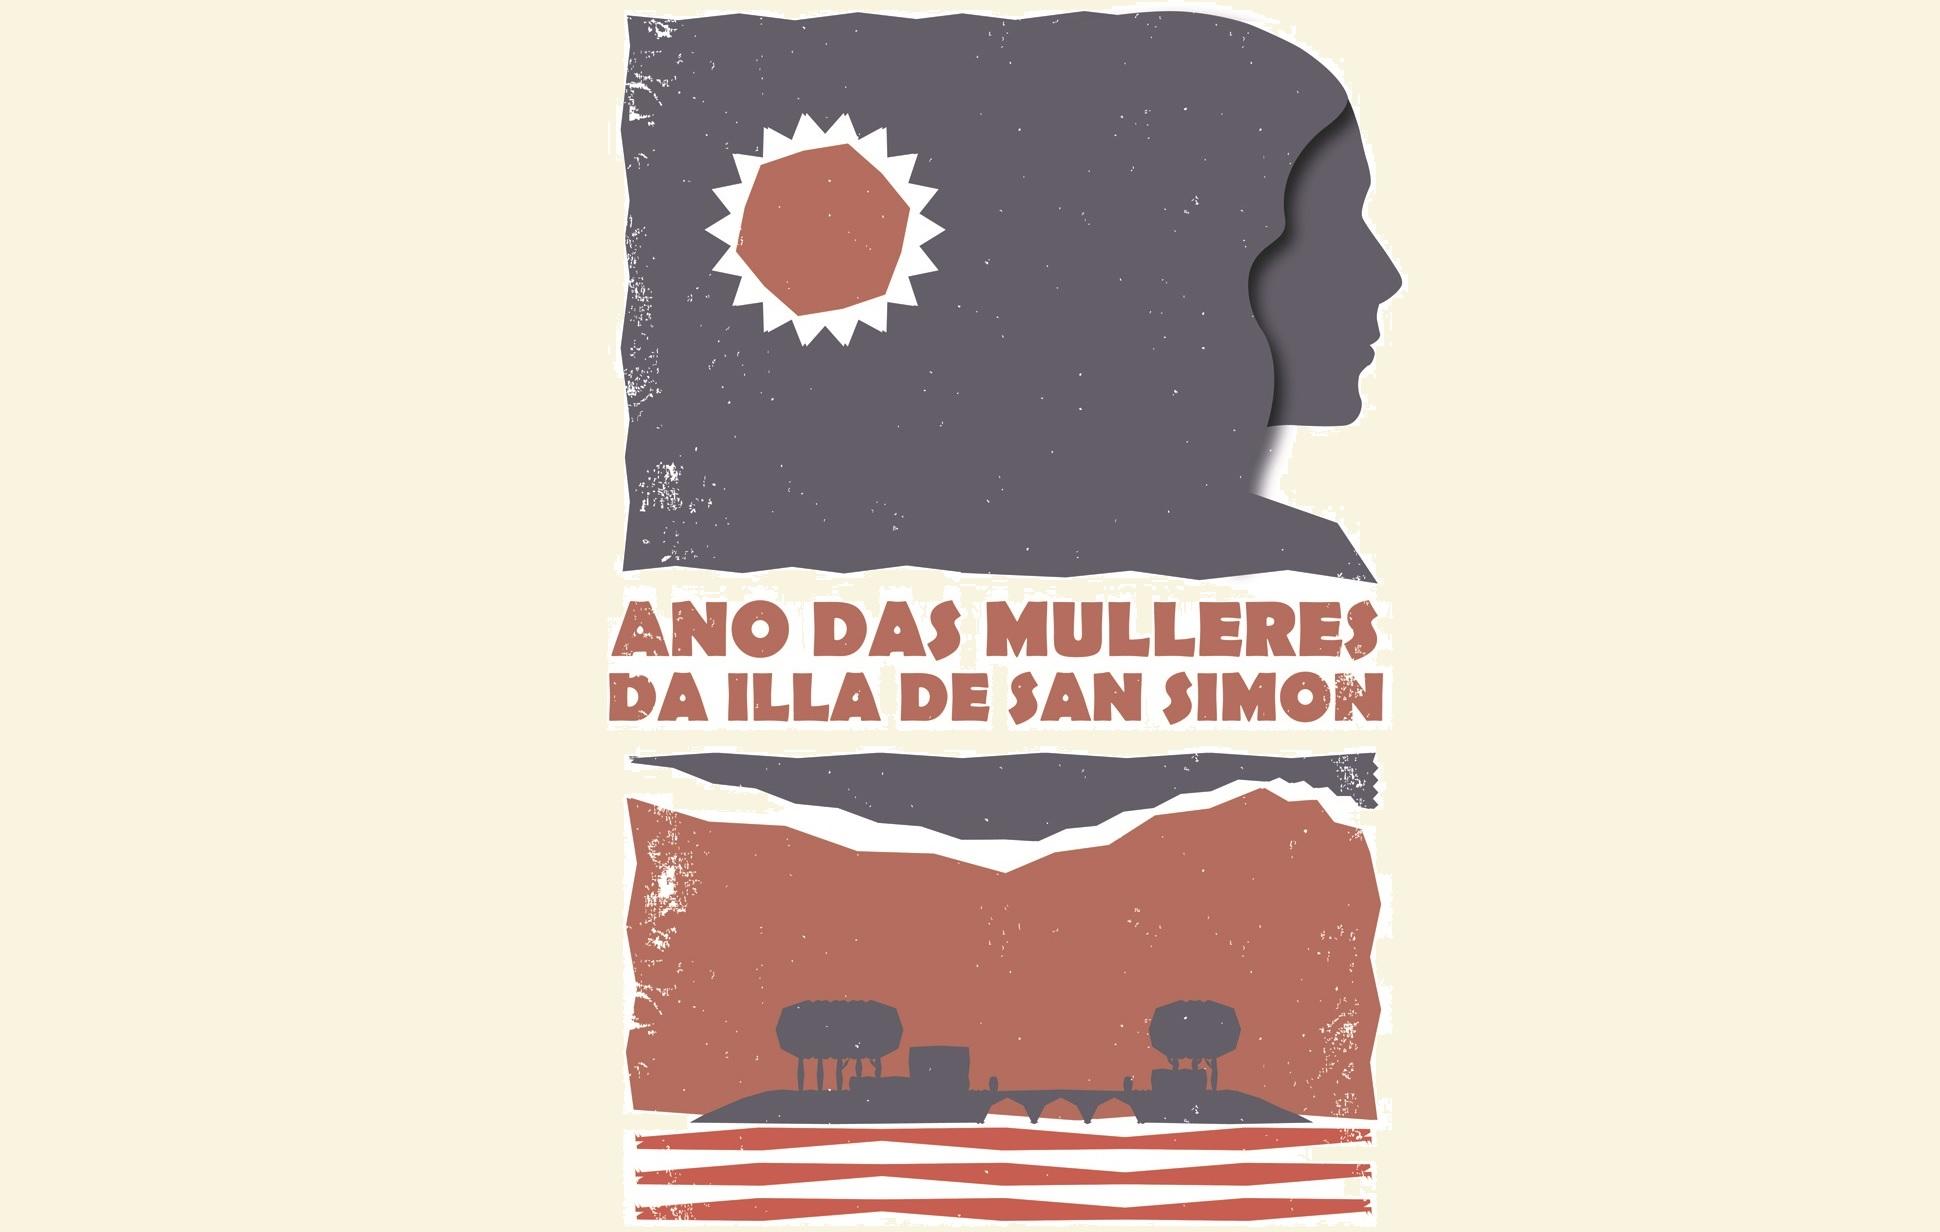 Redondela homenaxeará ás mulleres da illa de San Simón durante todo o ano